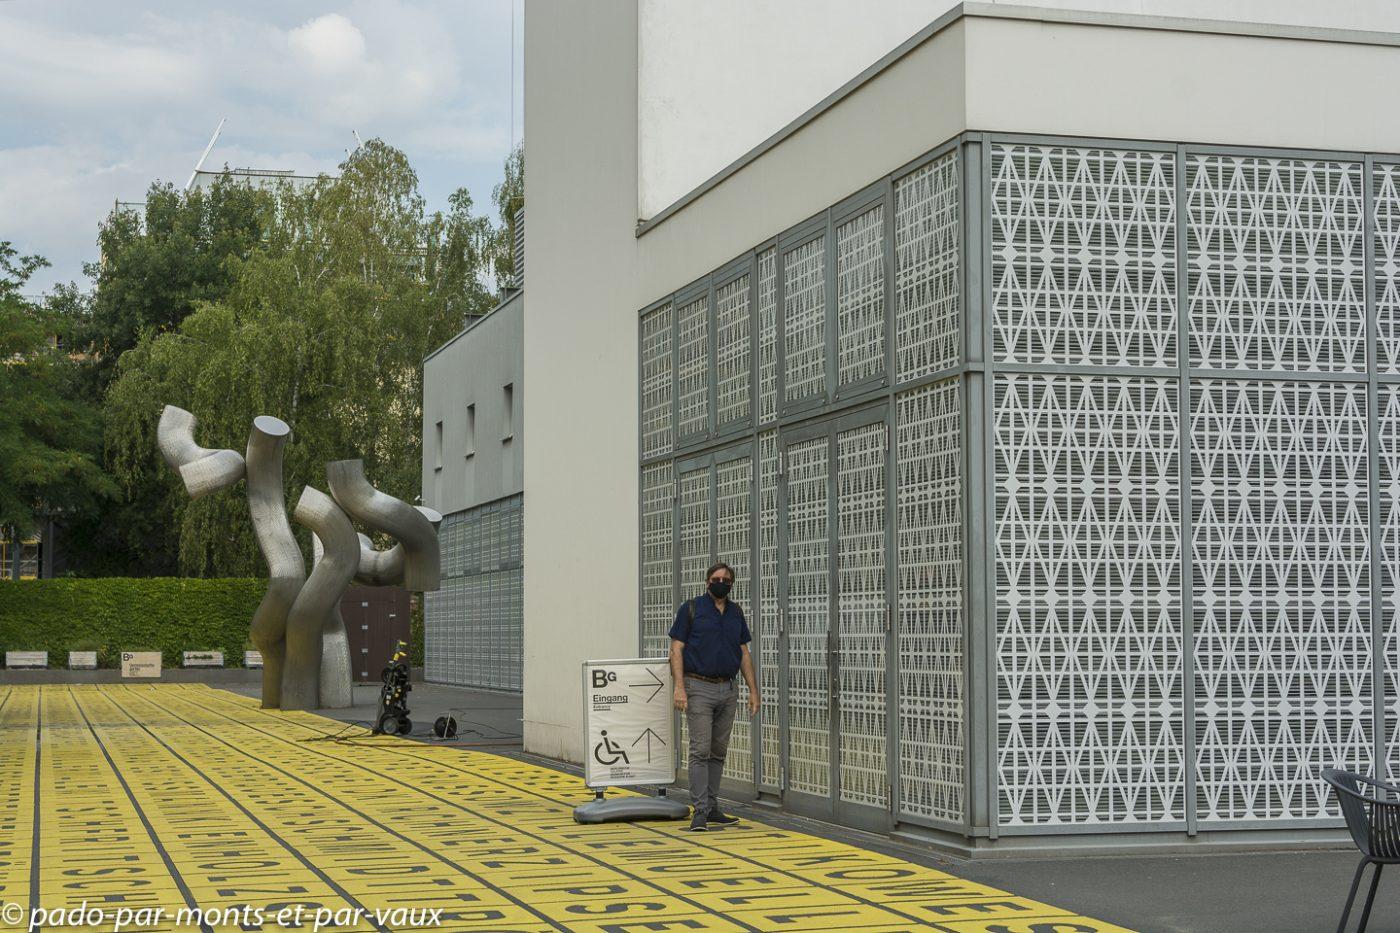 Berlin - Berlinische Galerie